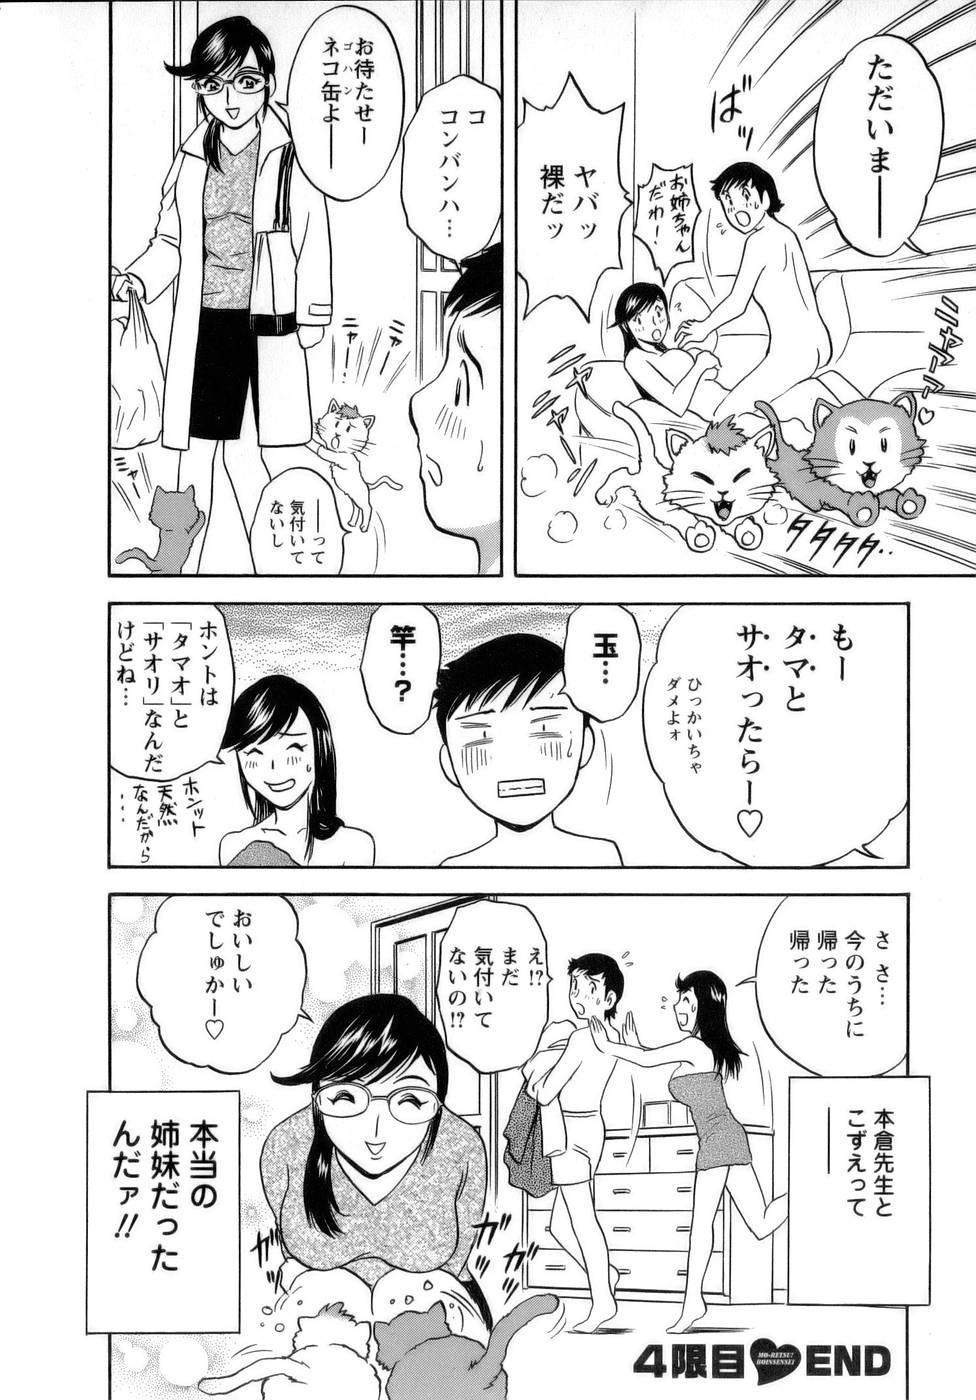 [Hidemaru] Mo-Retsu! Boin Sensei (Boing Boing Teacher) Vol.1 91